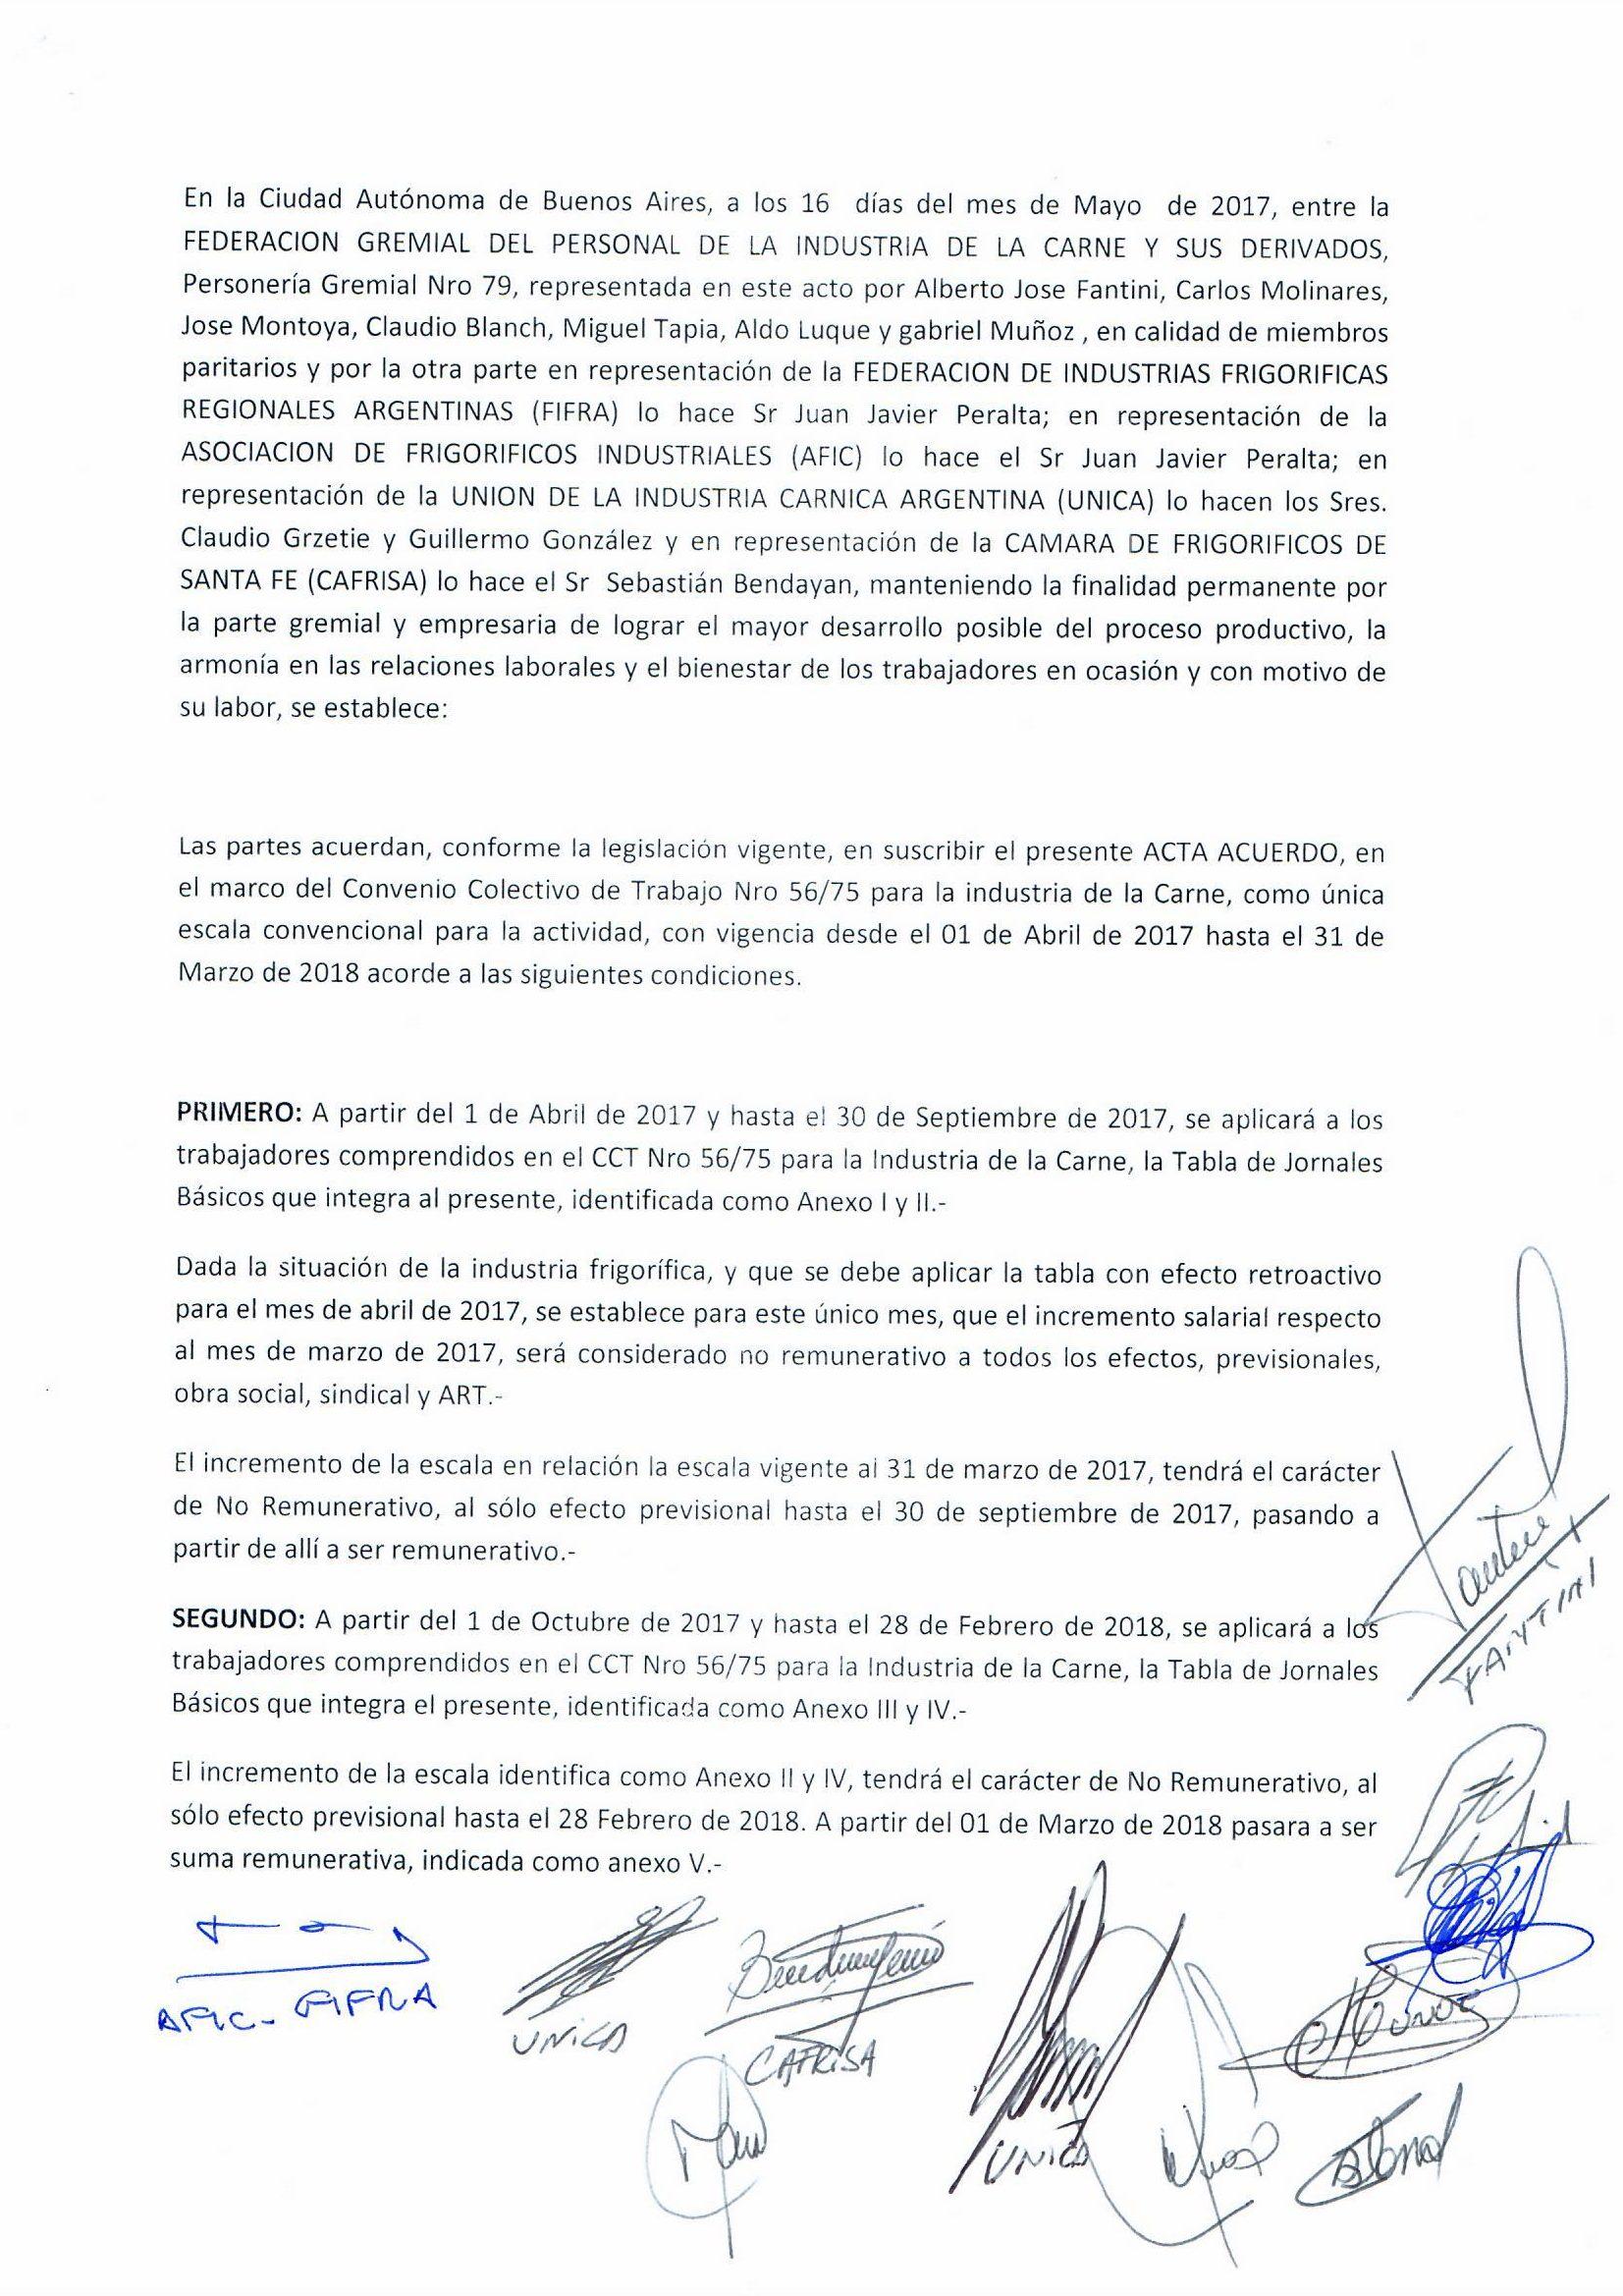 Acuerdo Salarial 56 75 1